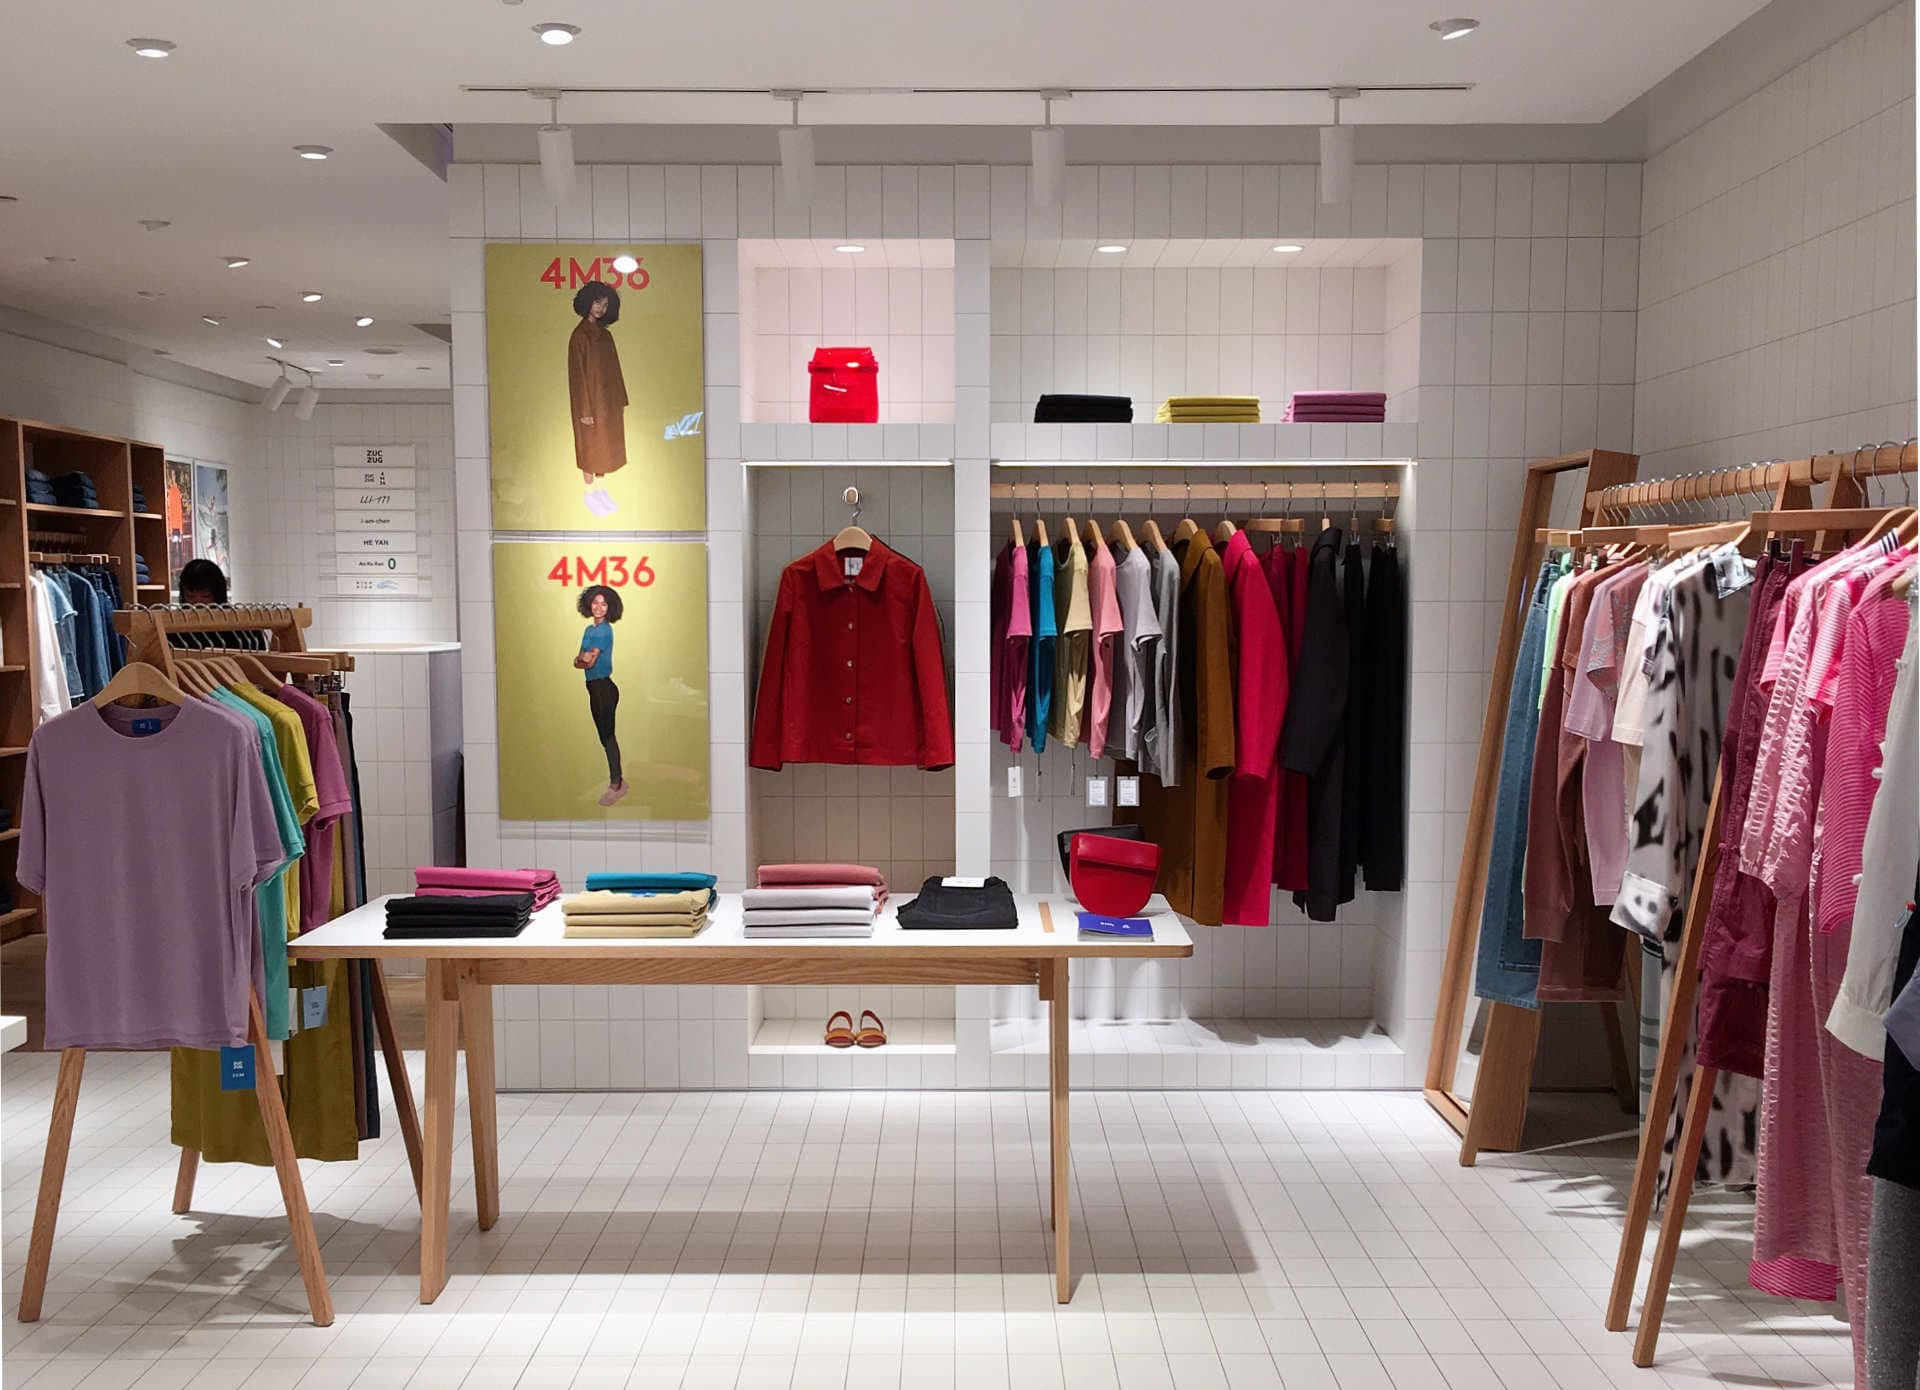 Tienda de ropa reformada